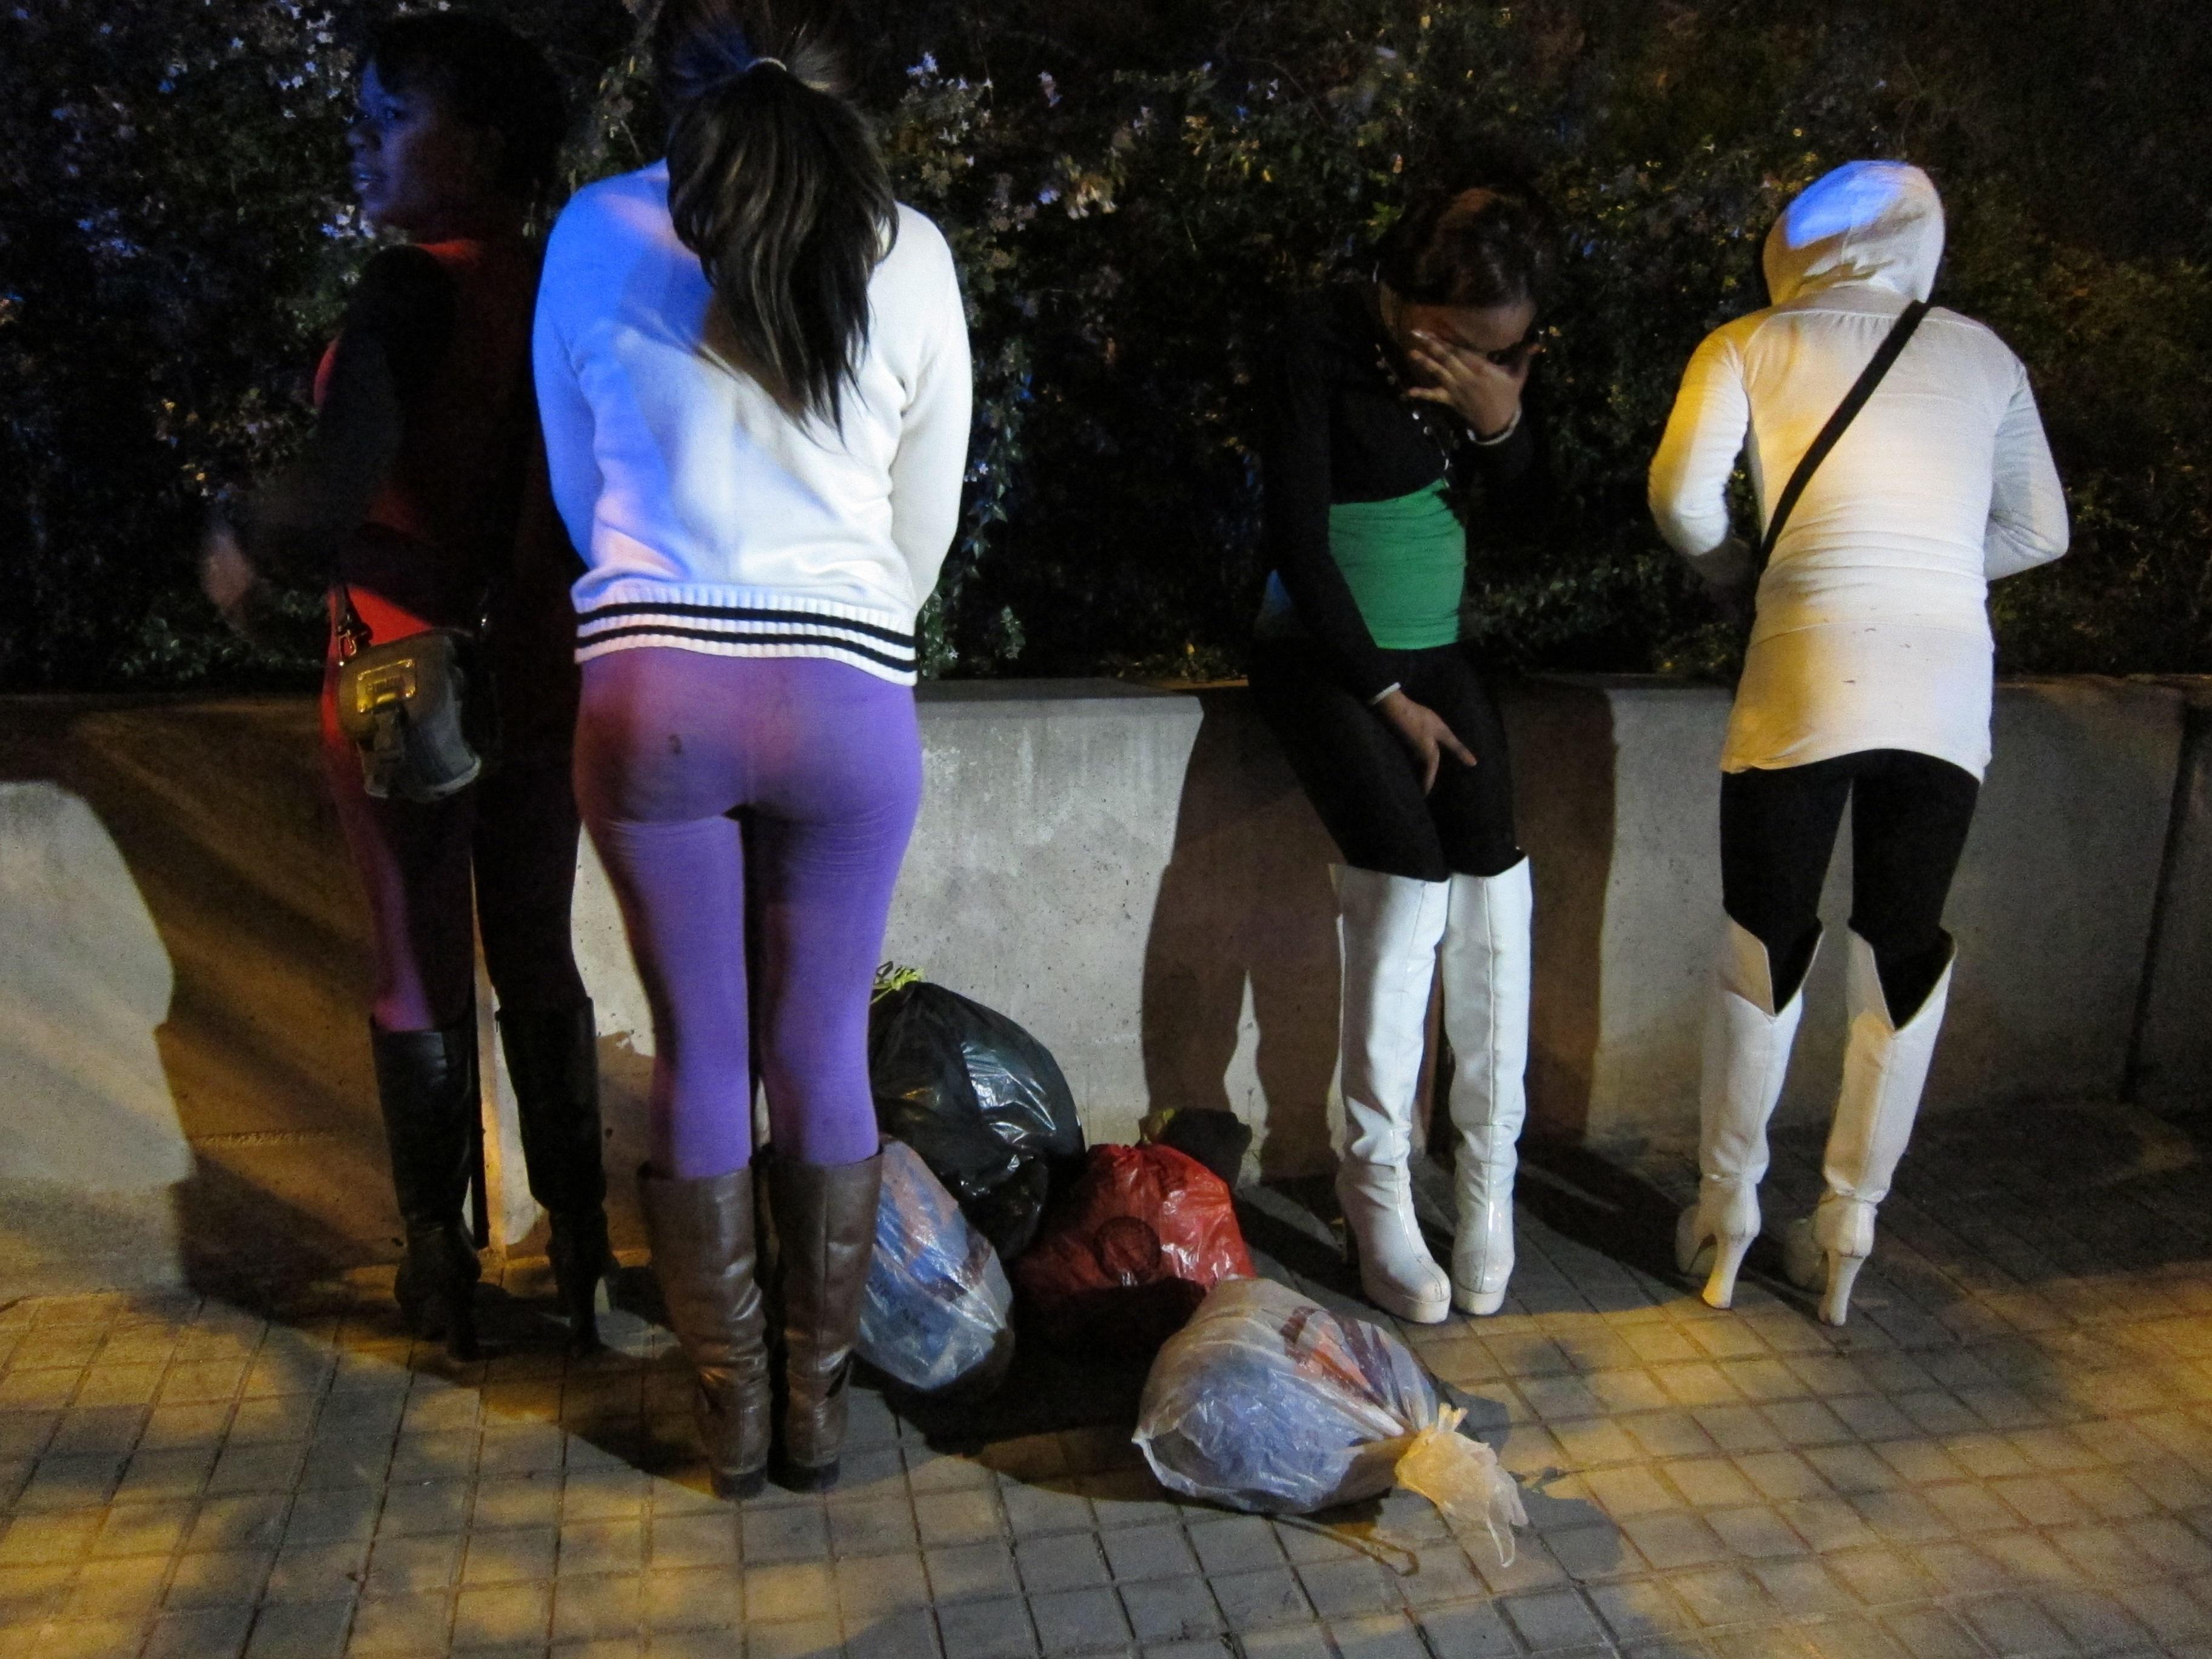 El 46% de jóvenes considera la prostitución «parte del paisaje» y el 61% apuesta por legalizarla con regulación